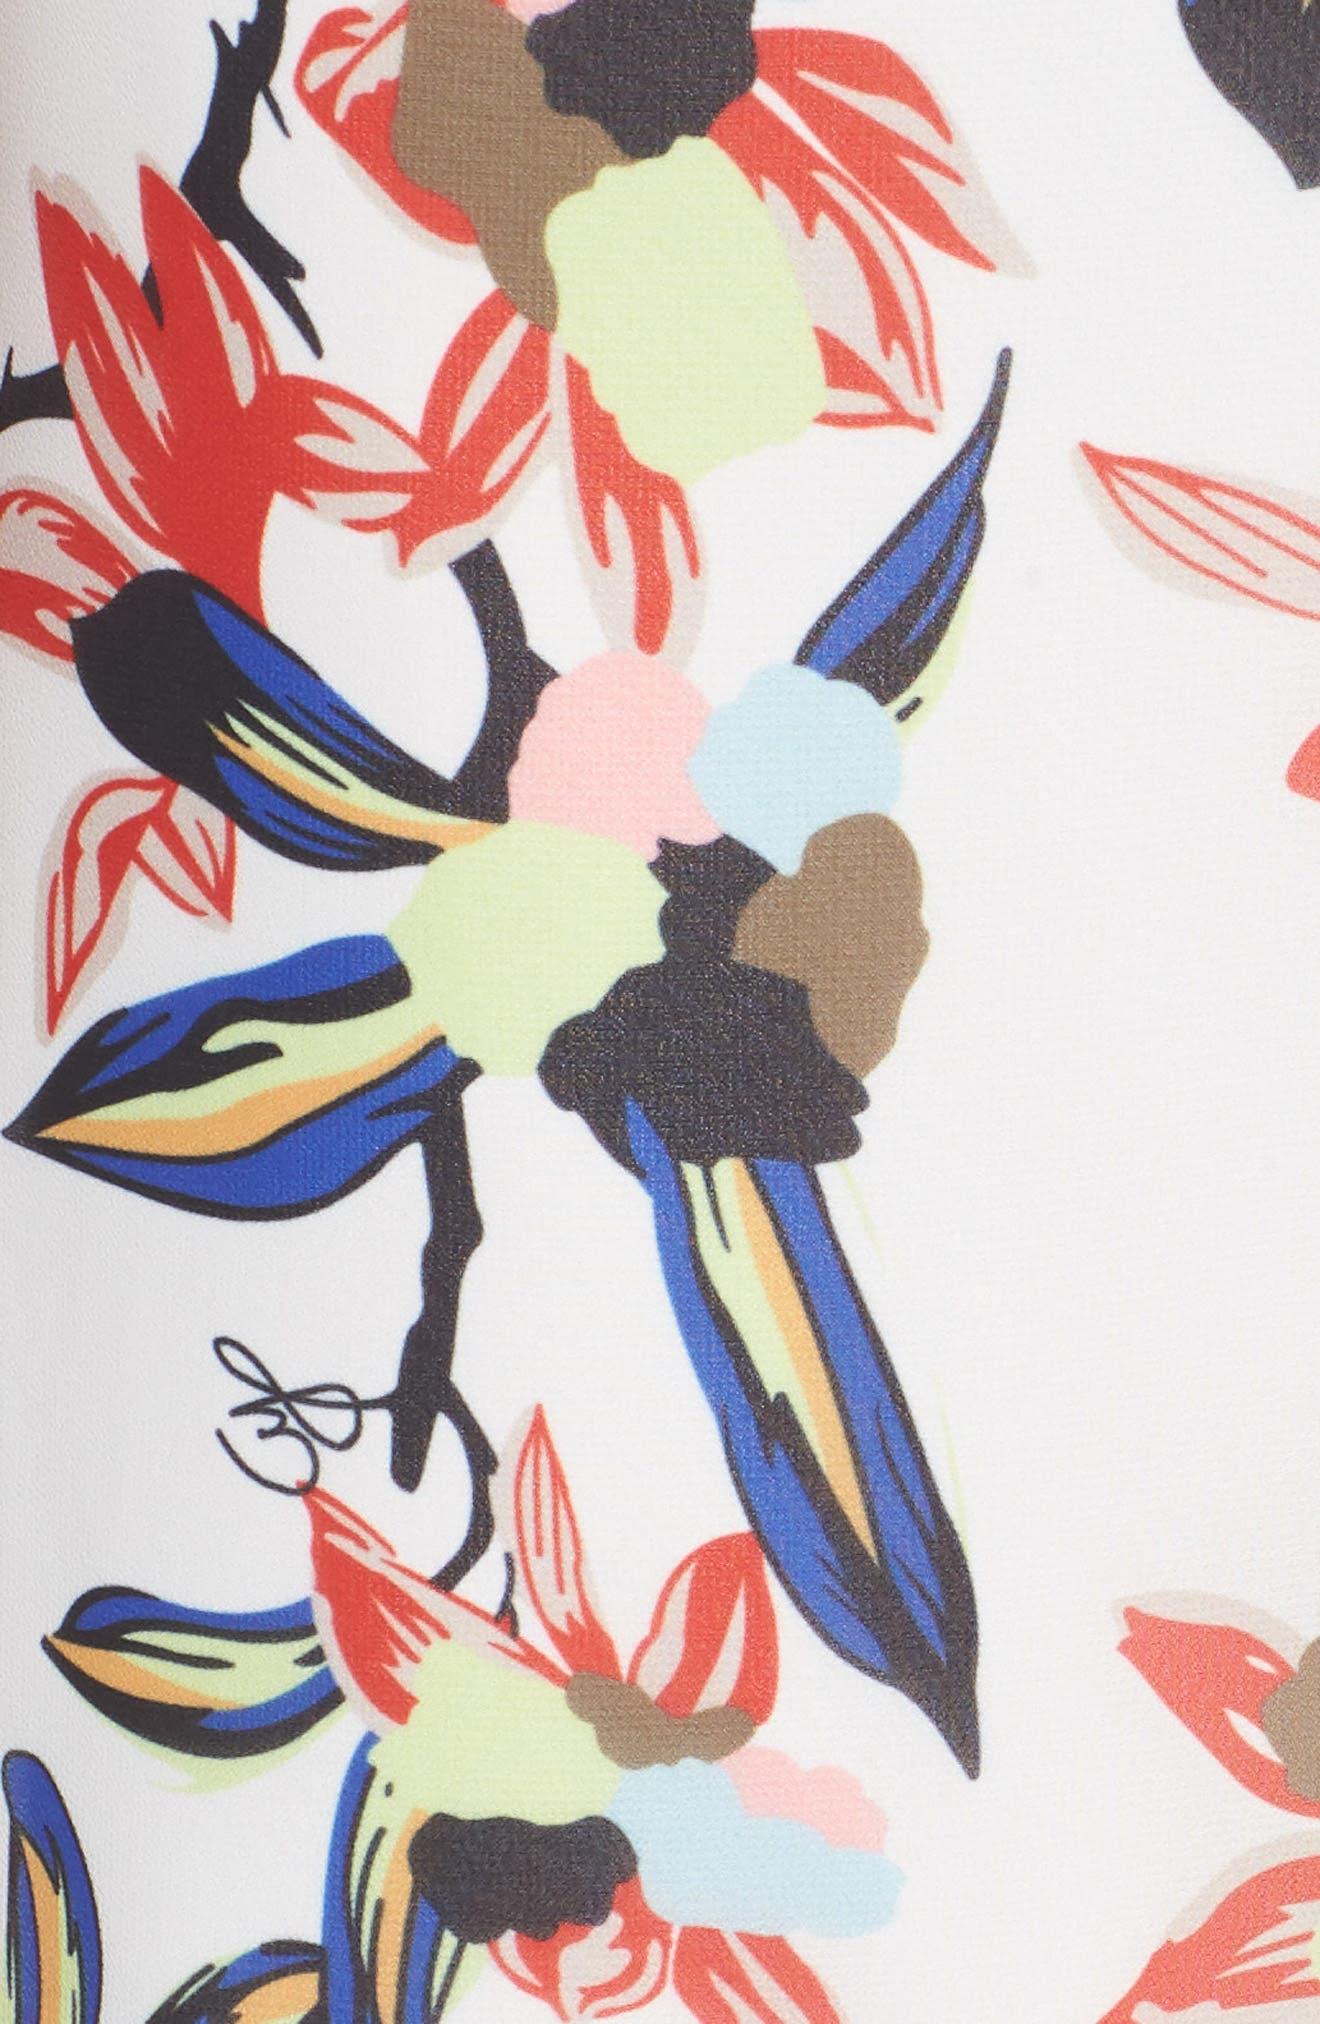 Floral Print Maxi Dress,                             Alternate thumbnail 6, color,                             White Multi